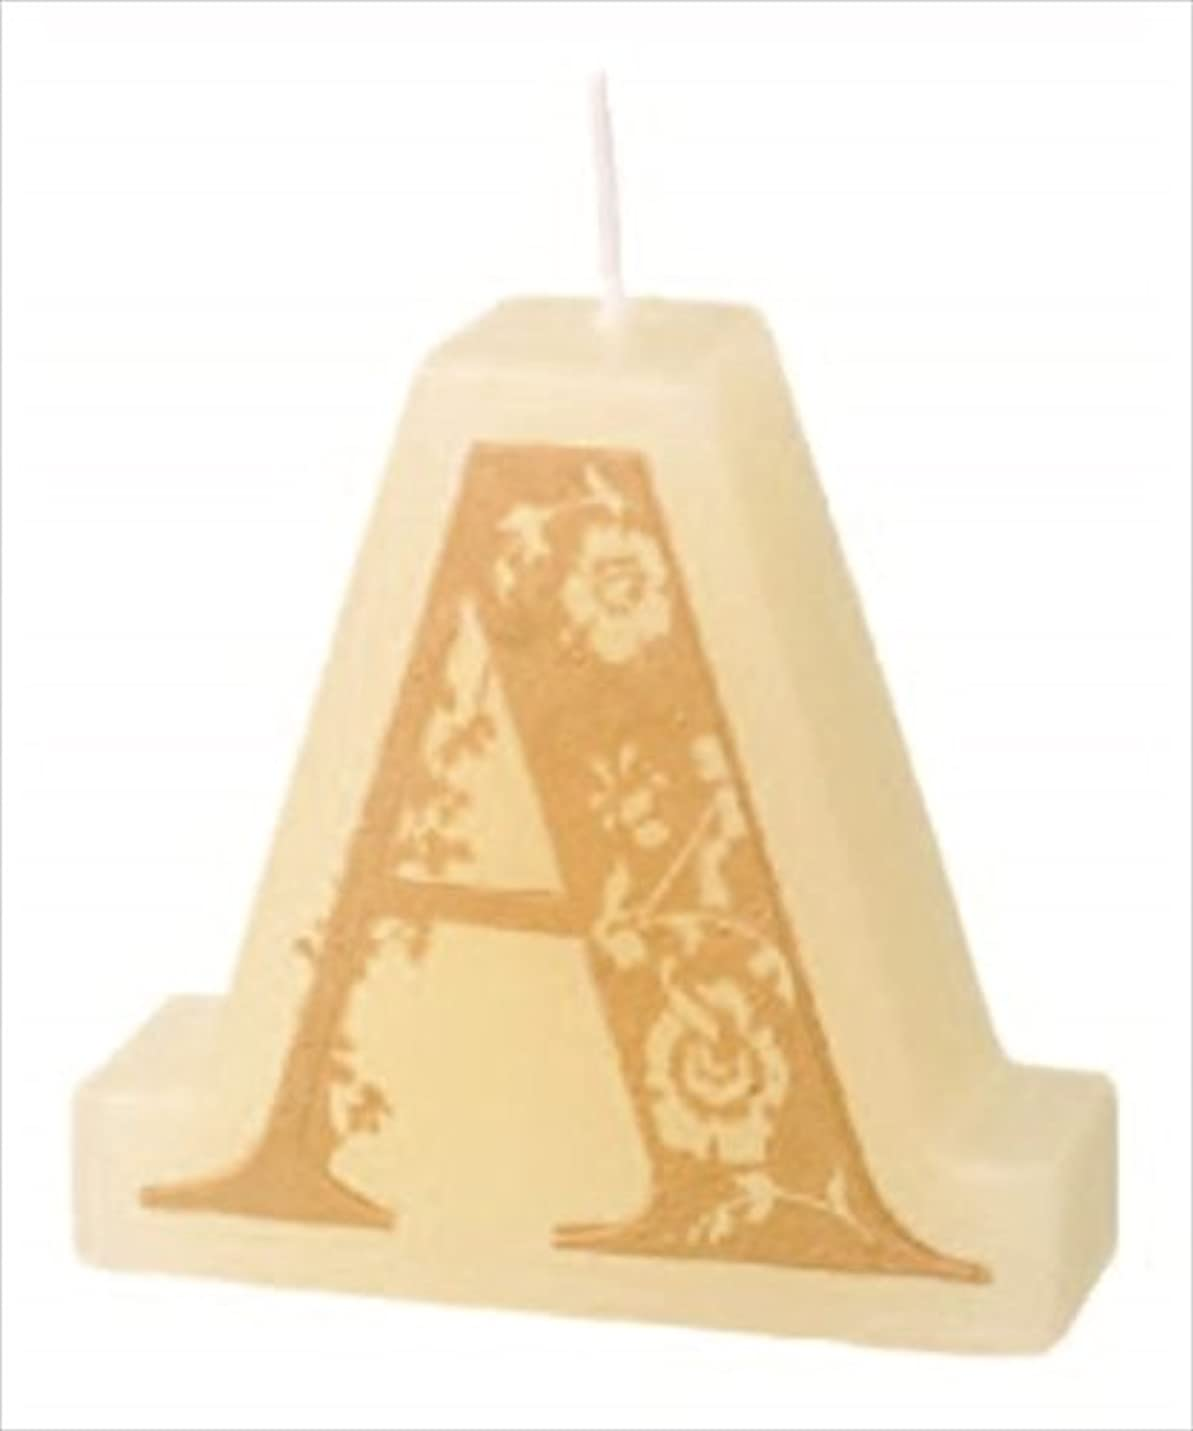 クリエイティブ比率ローマ人カメヤマキャンドル(kameyama candle) イニシャルキャンドルミニ 「 A 」